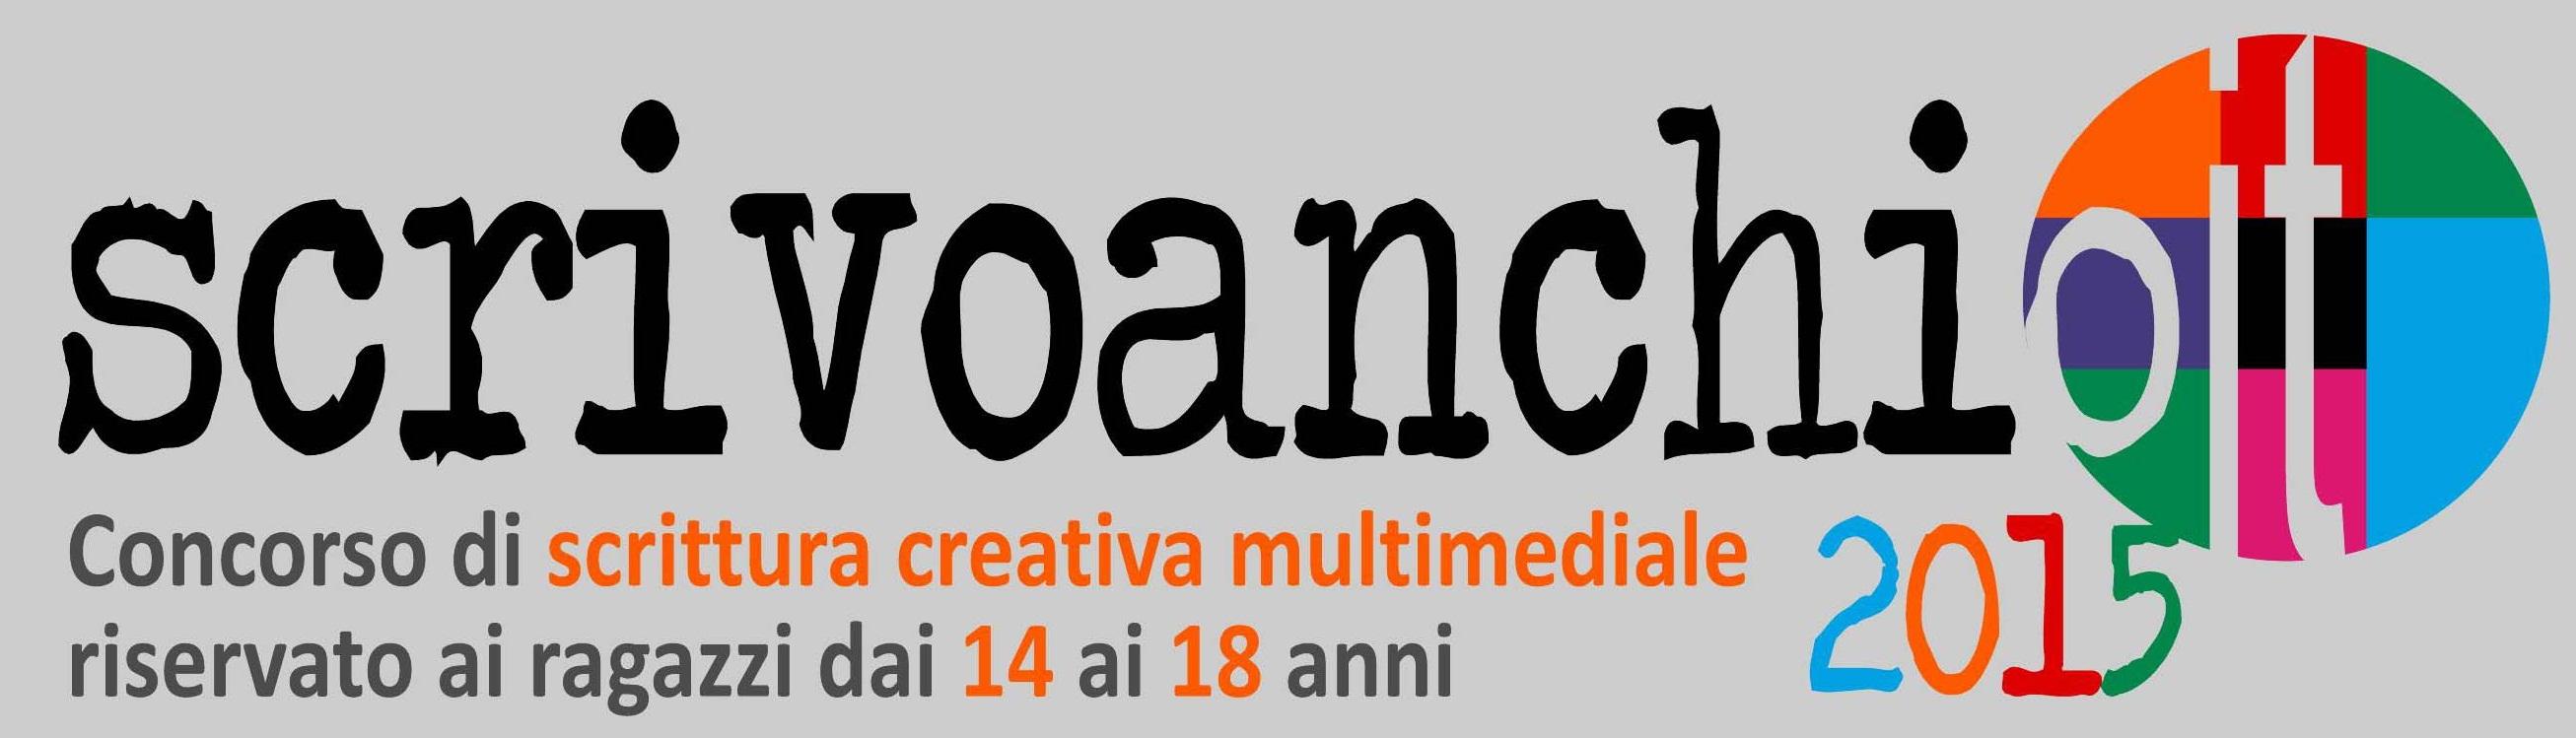 scrivoanchio2015 SMALL